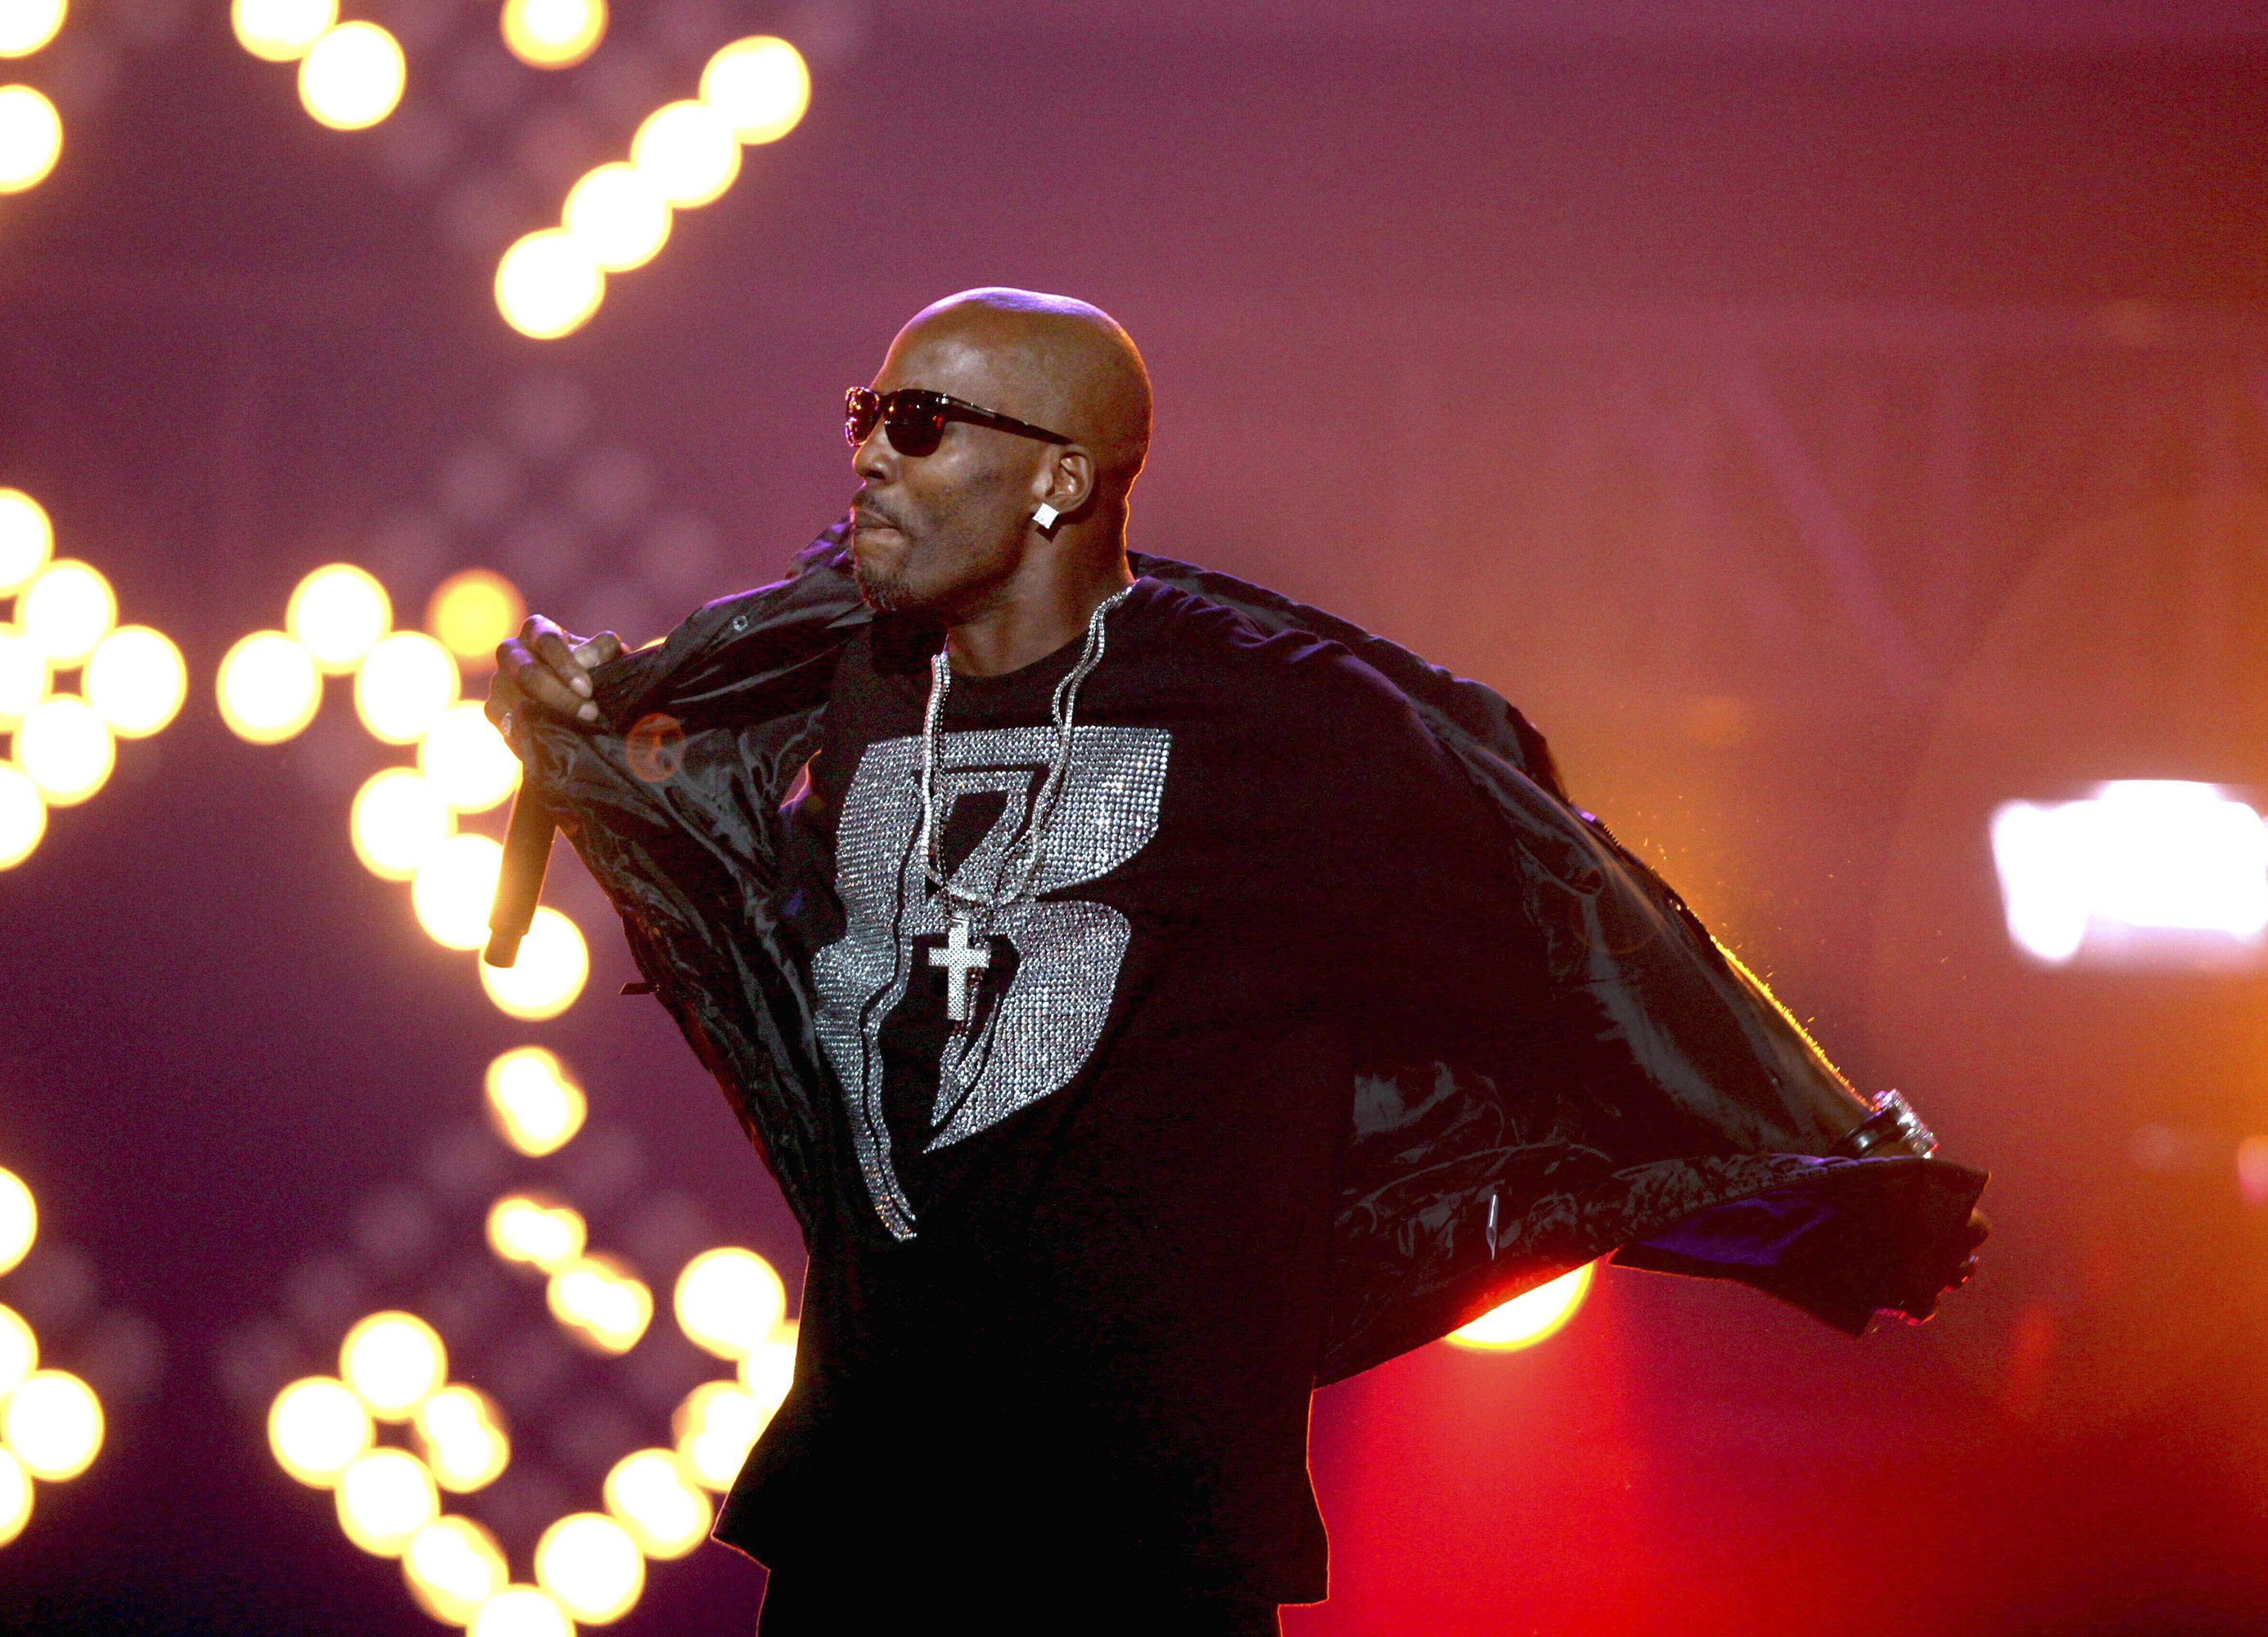 DMX: Álbum póstumo do rapper será lançado em 28 de maio